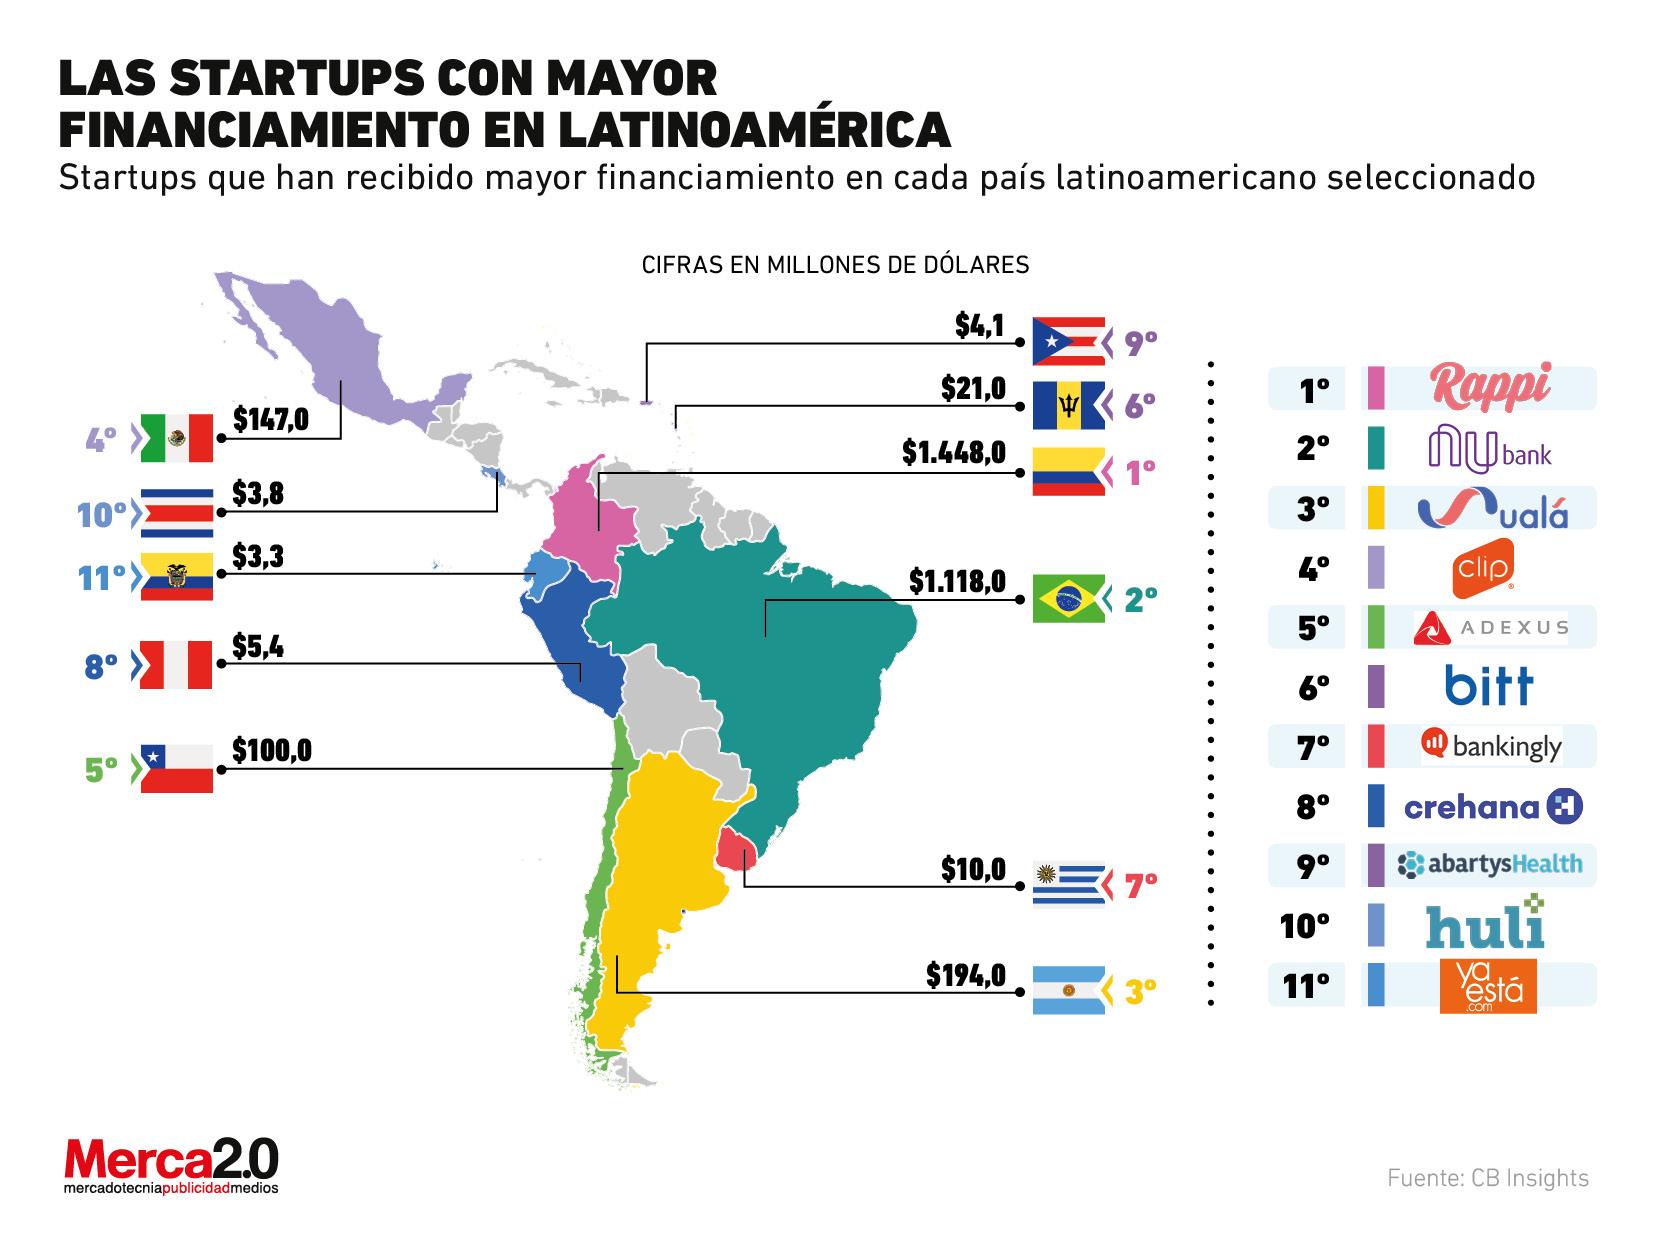 ¿Cuáles son las startups con mejor financiamiento en América Latina?